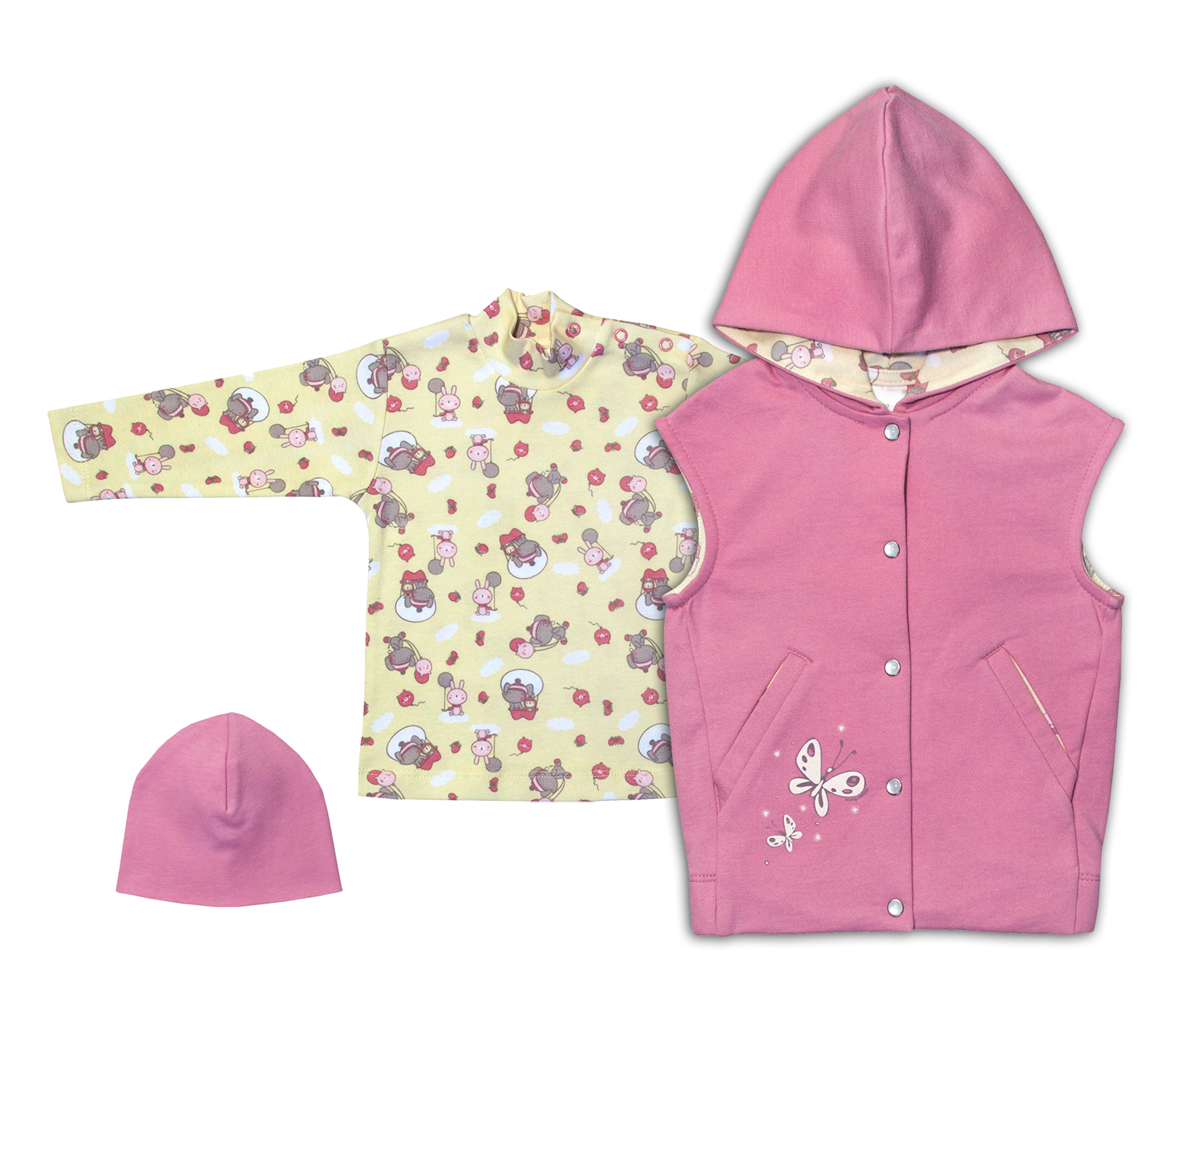 Комплект одежды для девочки Мамуляндия: жилет, водолазка, шапка, цвет: розовый, желтый. 17-1414. Размер 86 водолазки и лонгсливы zeyland водолазка для девочки 72m4hlm63